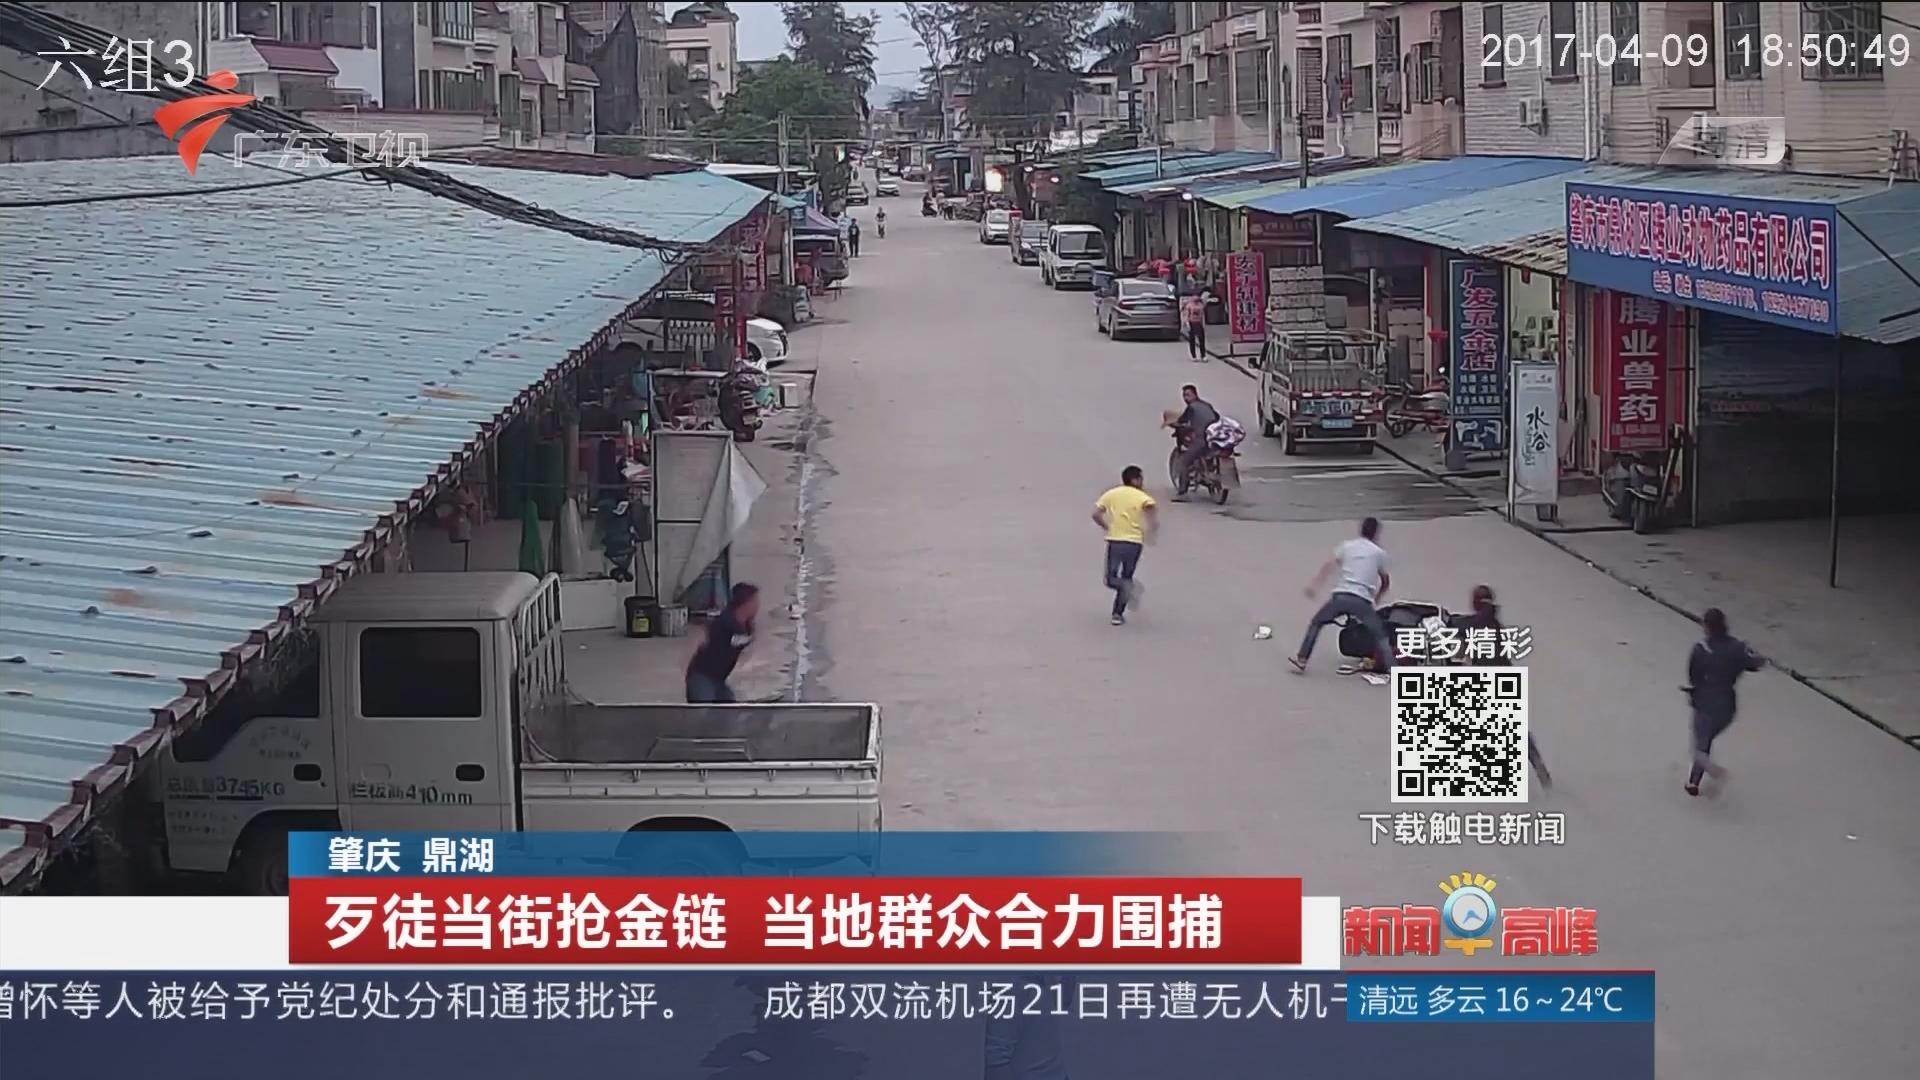 肇庆鼎湖:歹徒当街抢金链 当地群众合力围捕